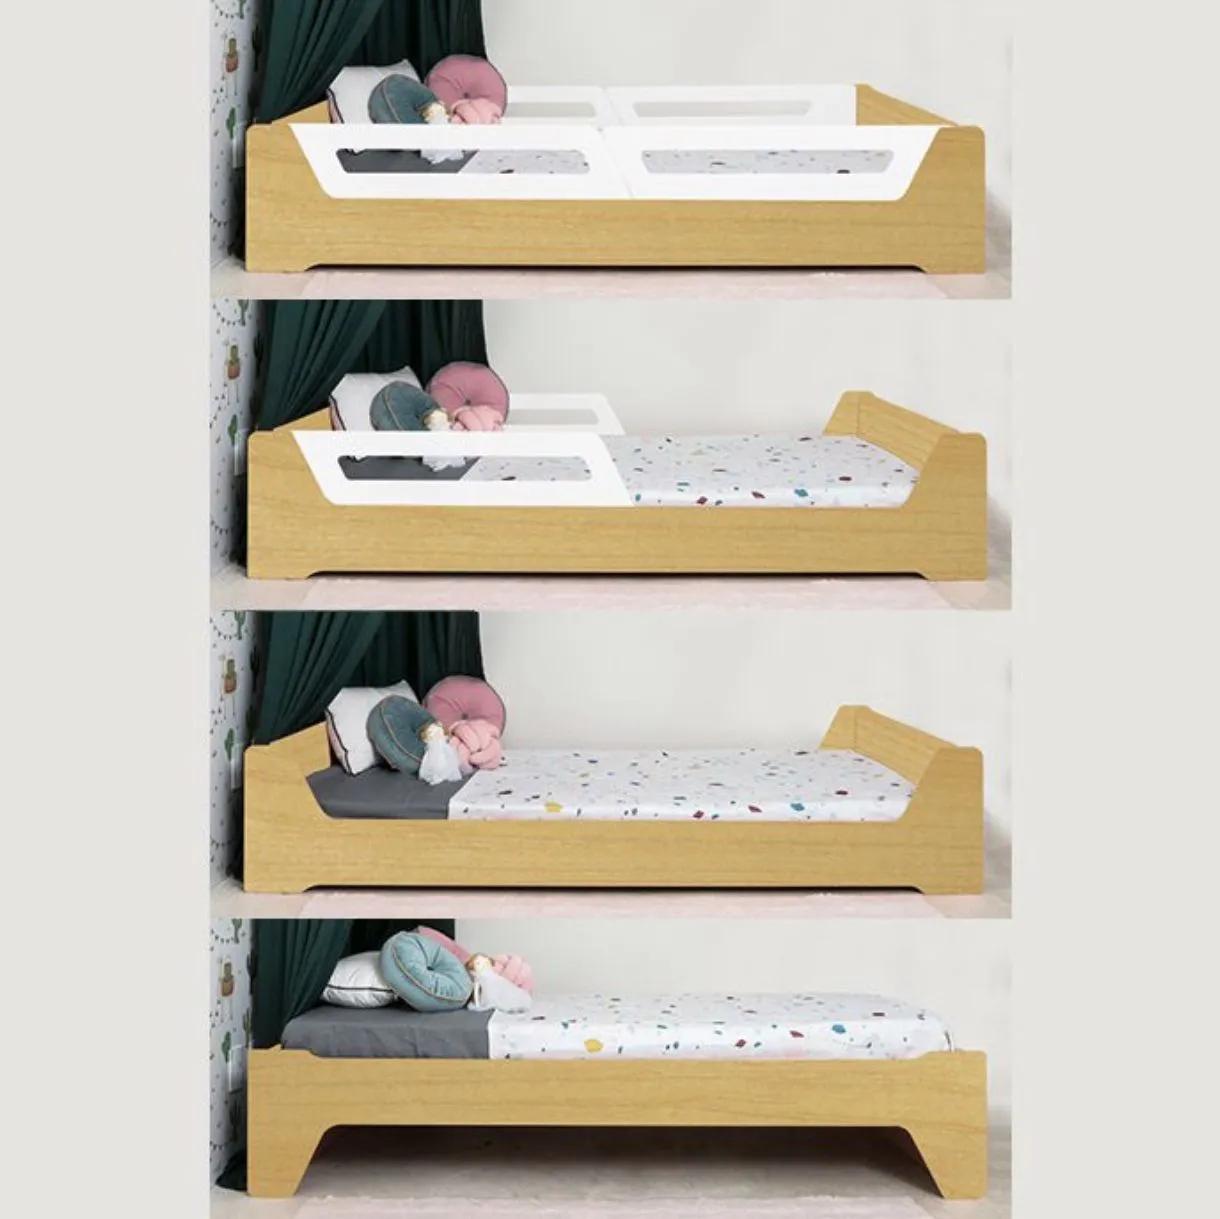 Cama Anis Estrutura Madeira (solteiro e mini cama)  - Ideias de Mamãe